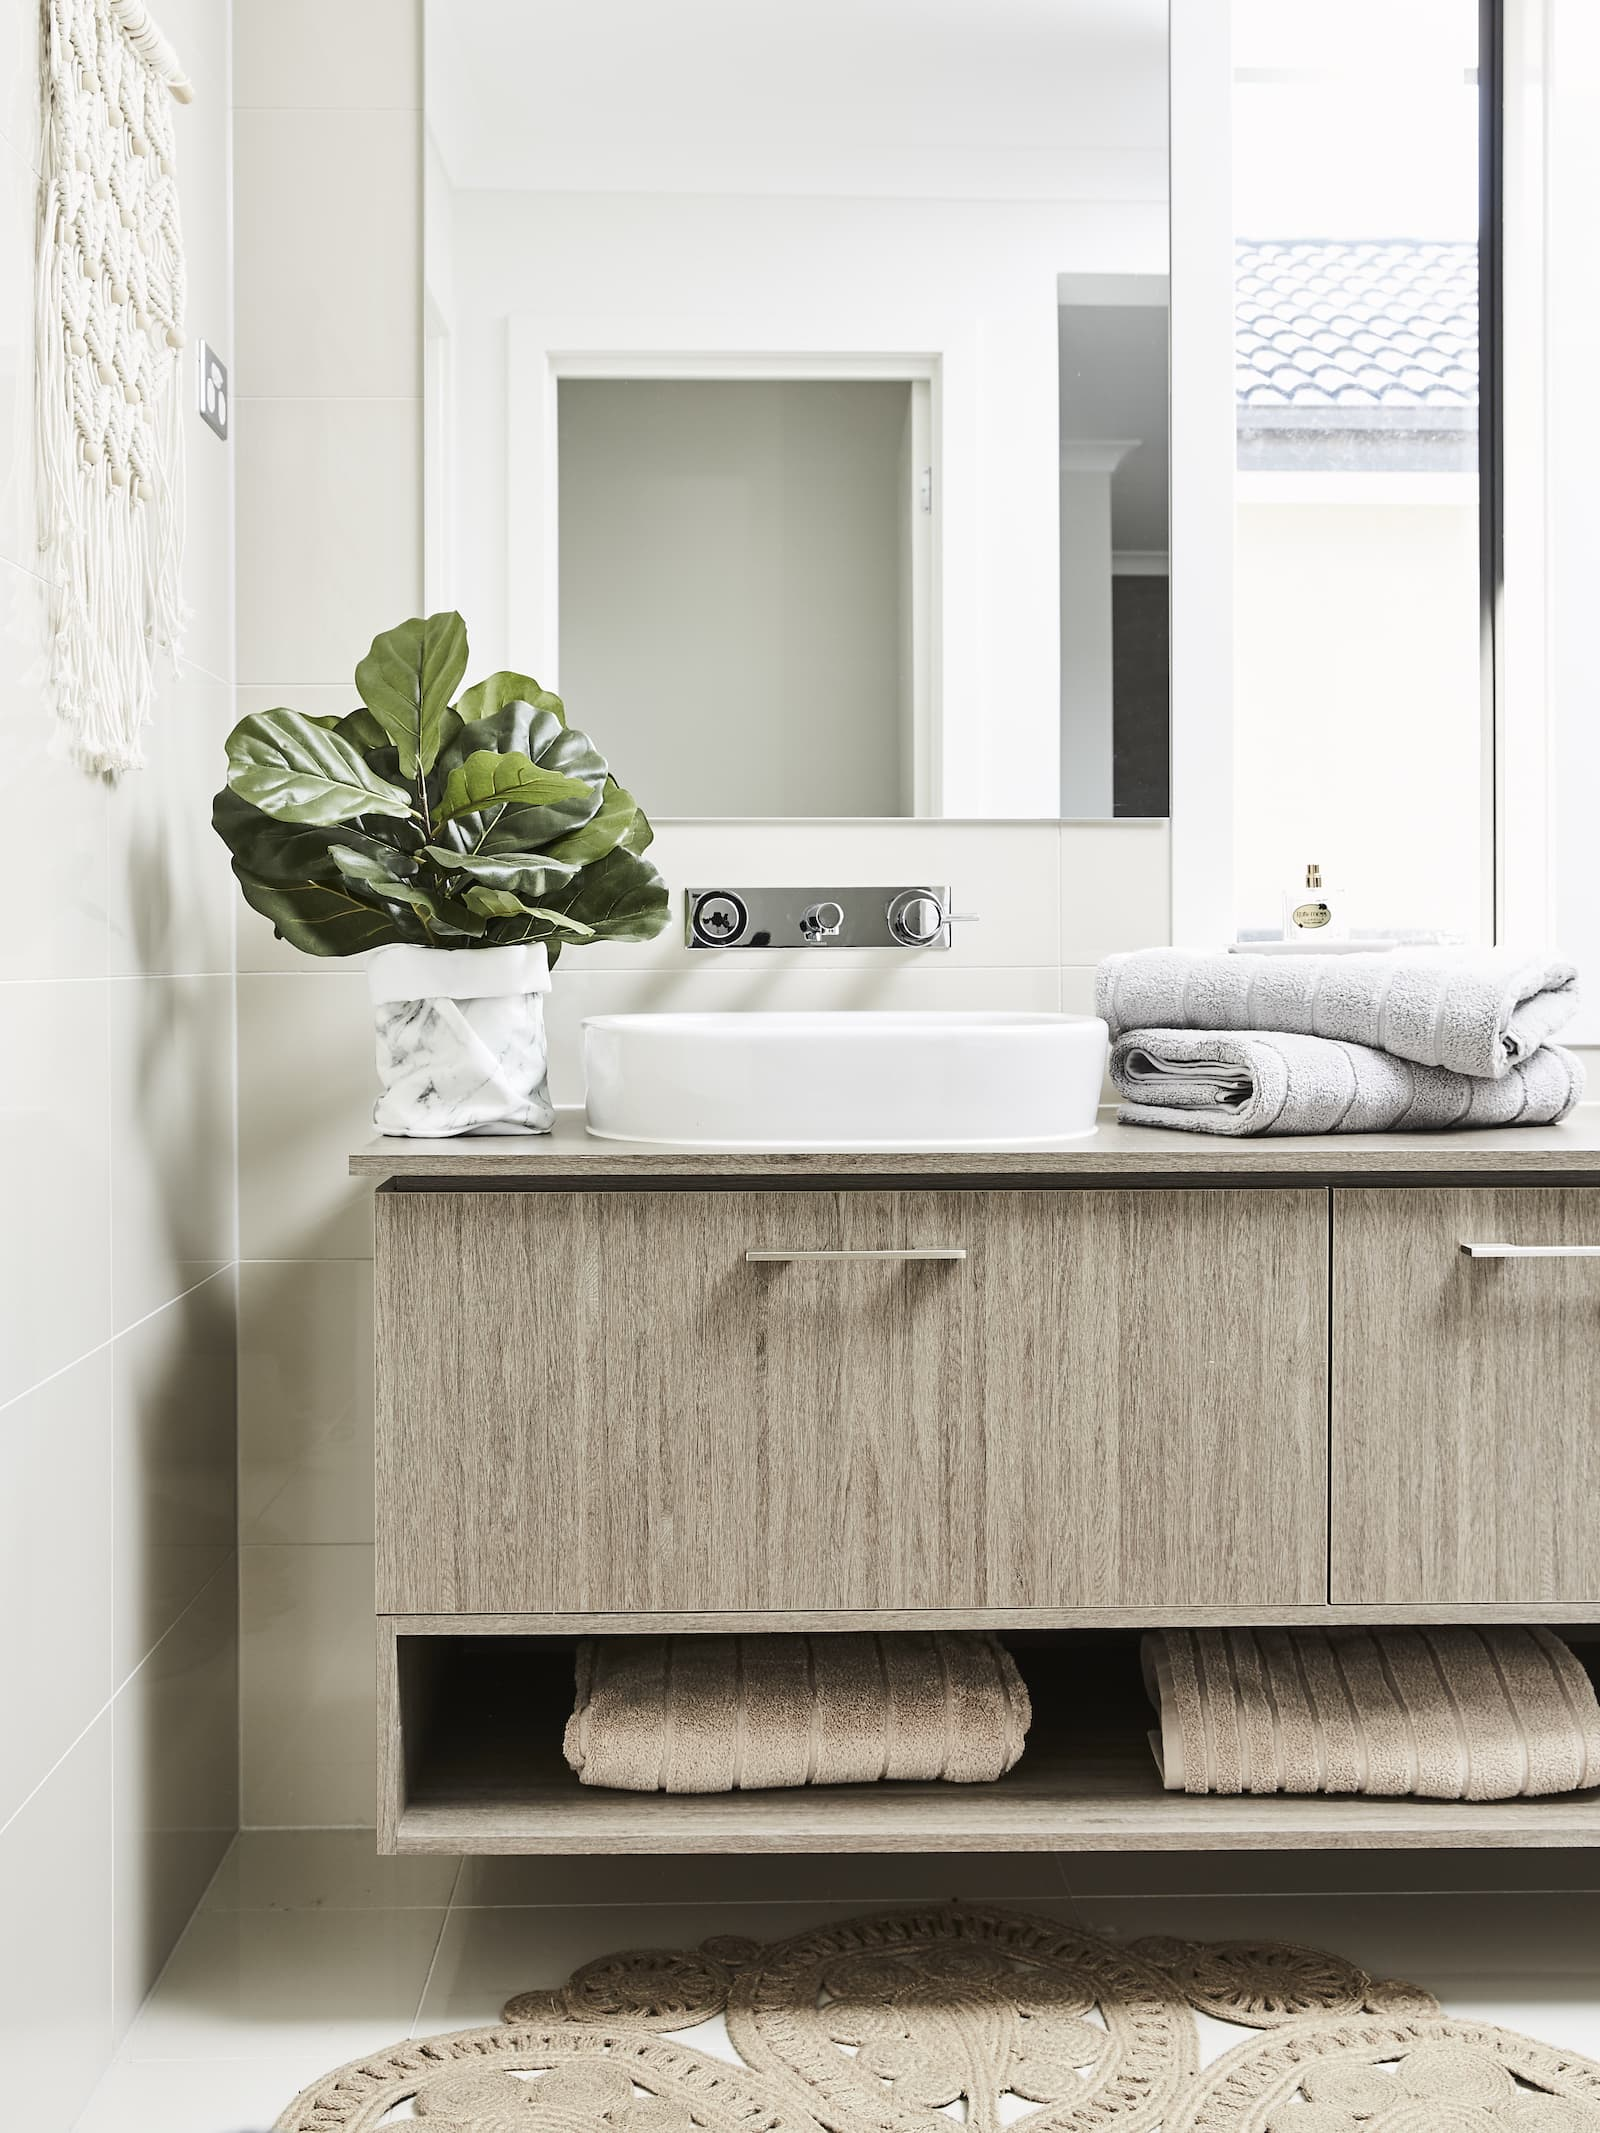 lorraine lea bathroom towel styling towels stacked on brown vanity